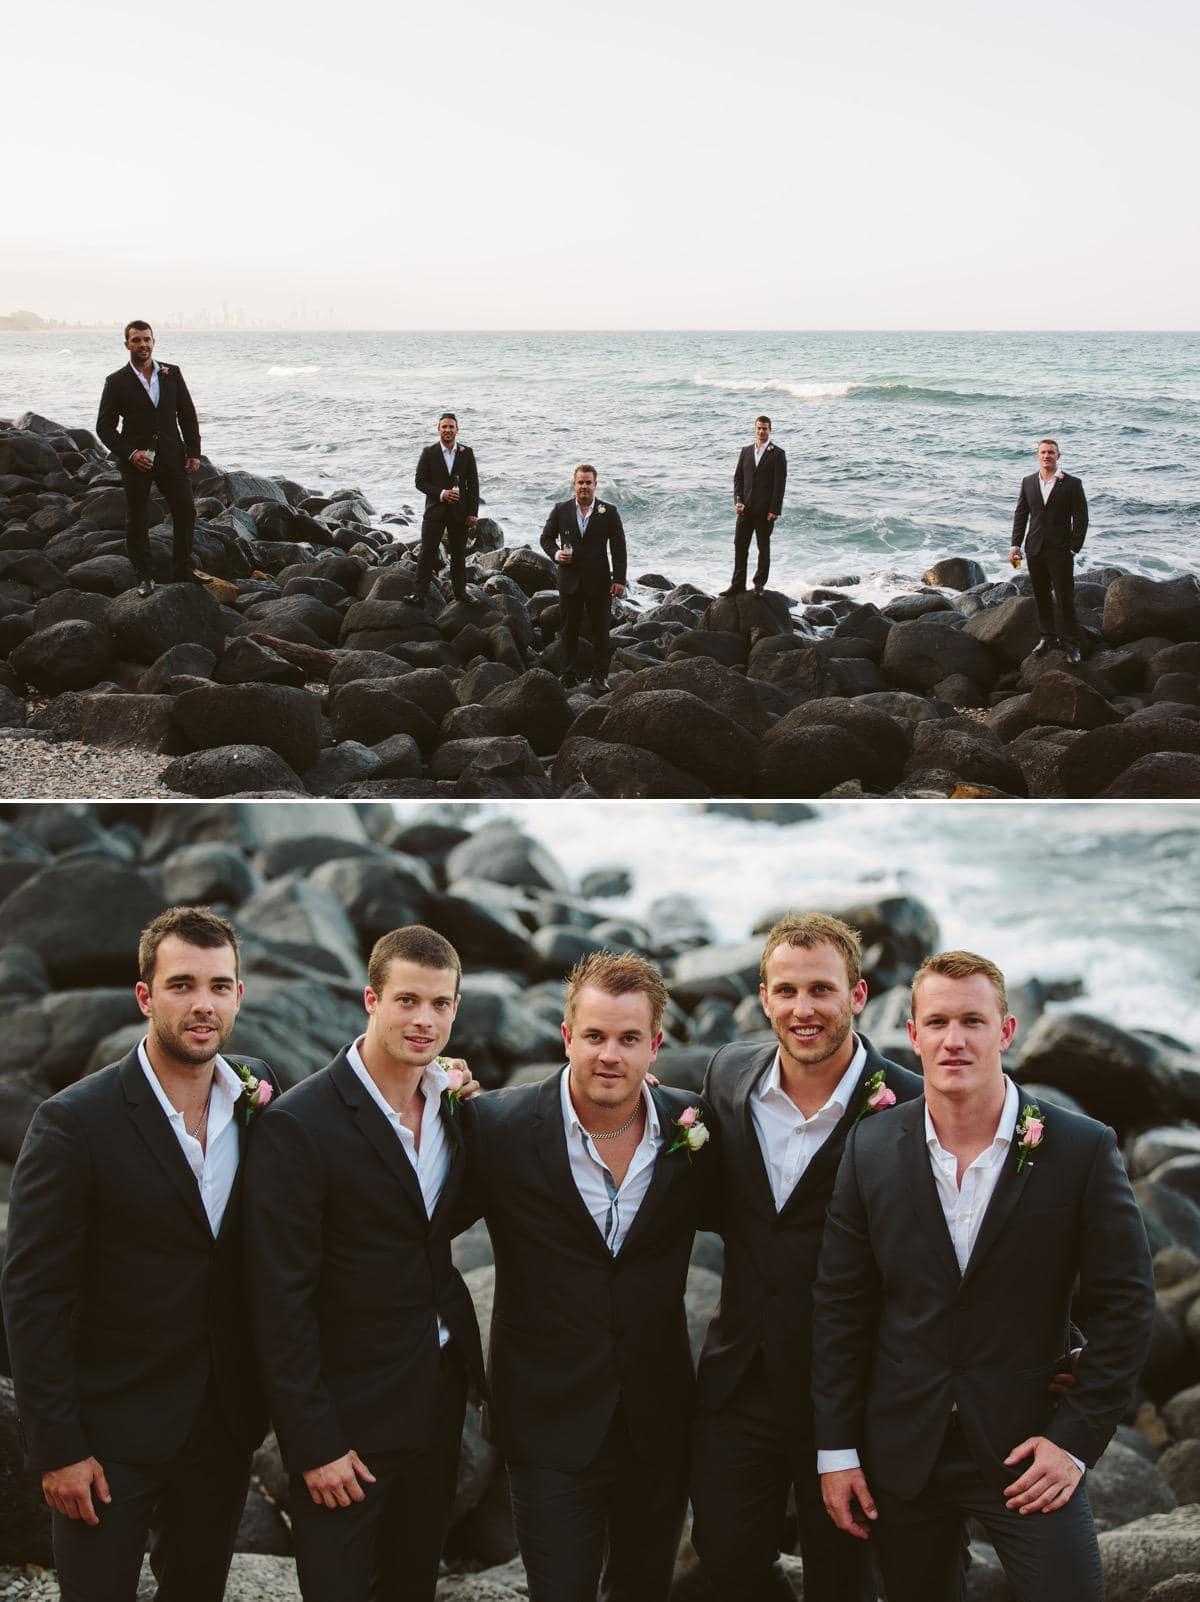 Burleigh Beach Gold Coast wedding www.fieldandforest.com.au